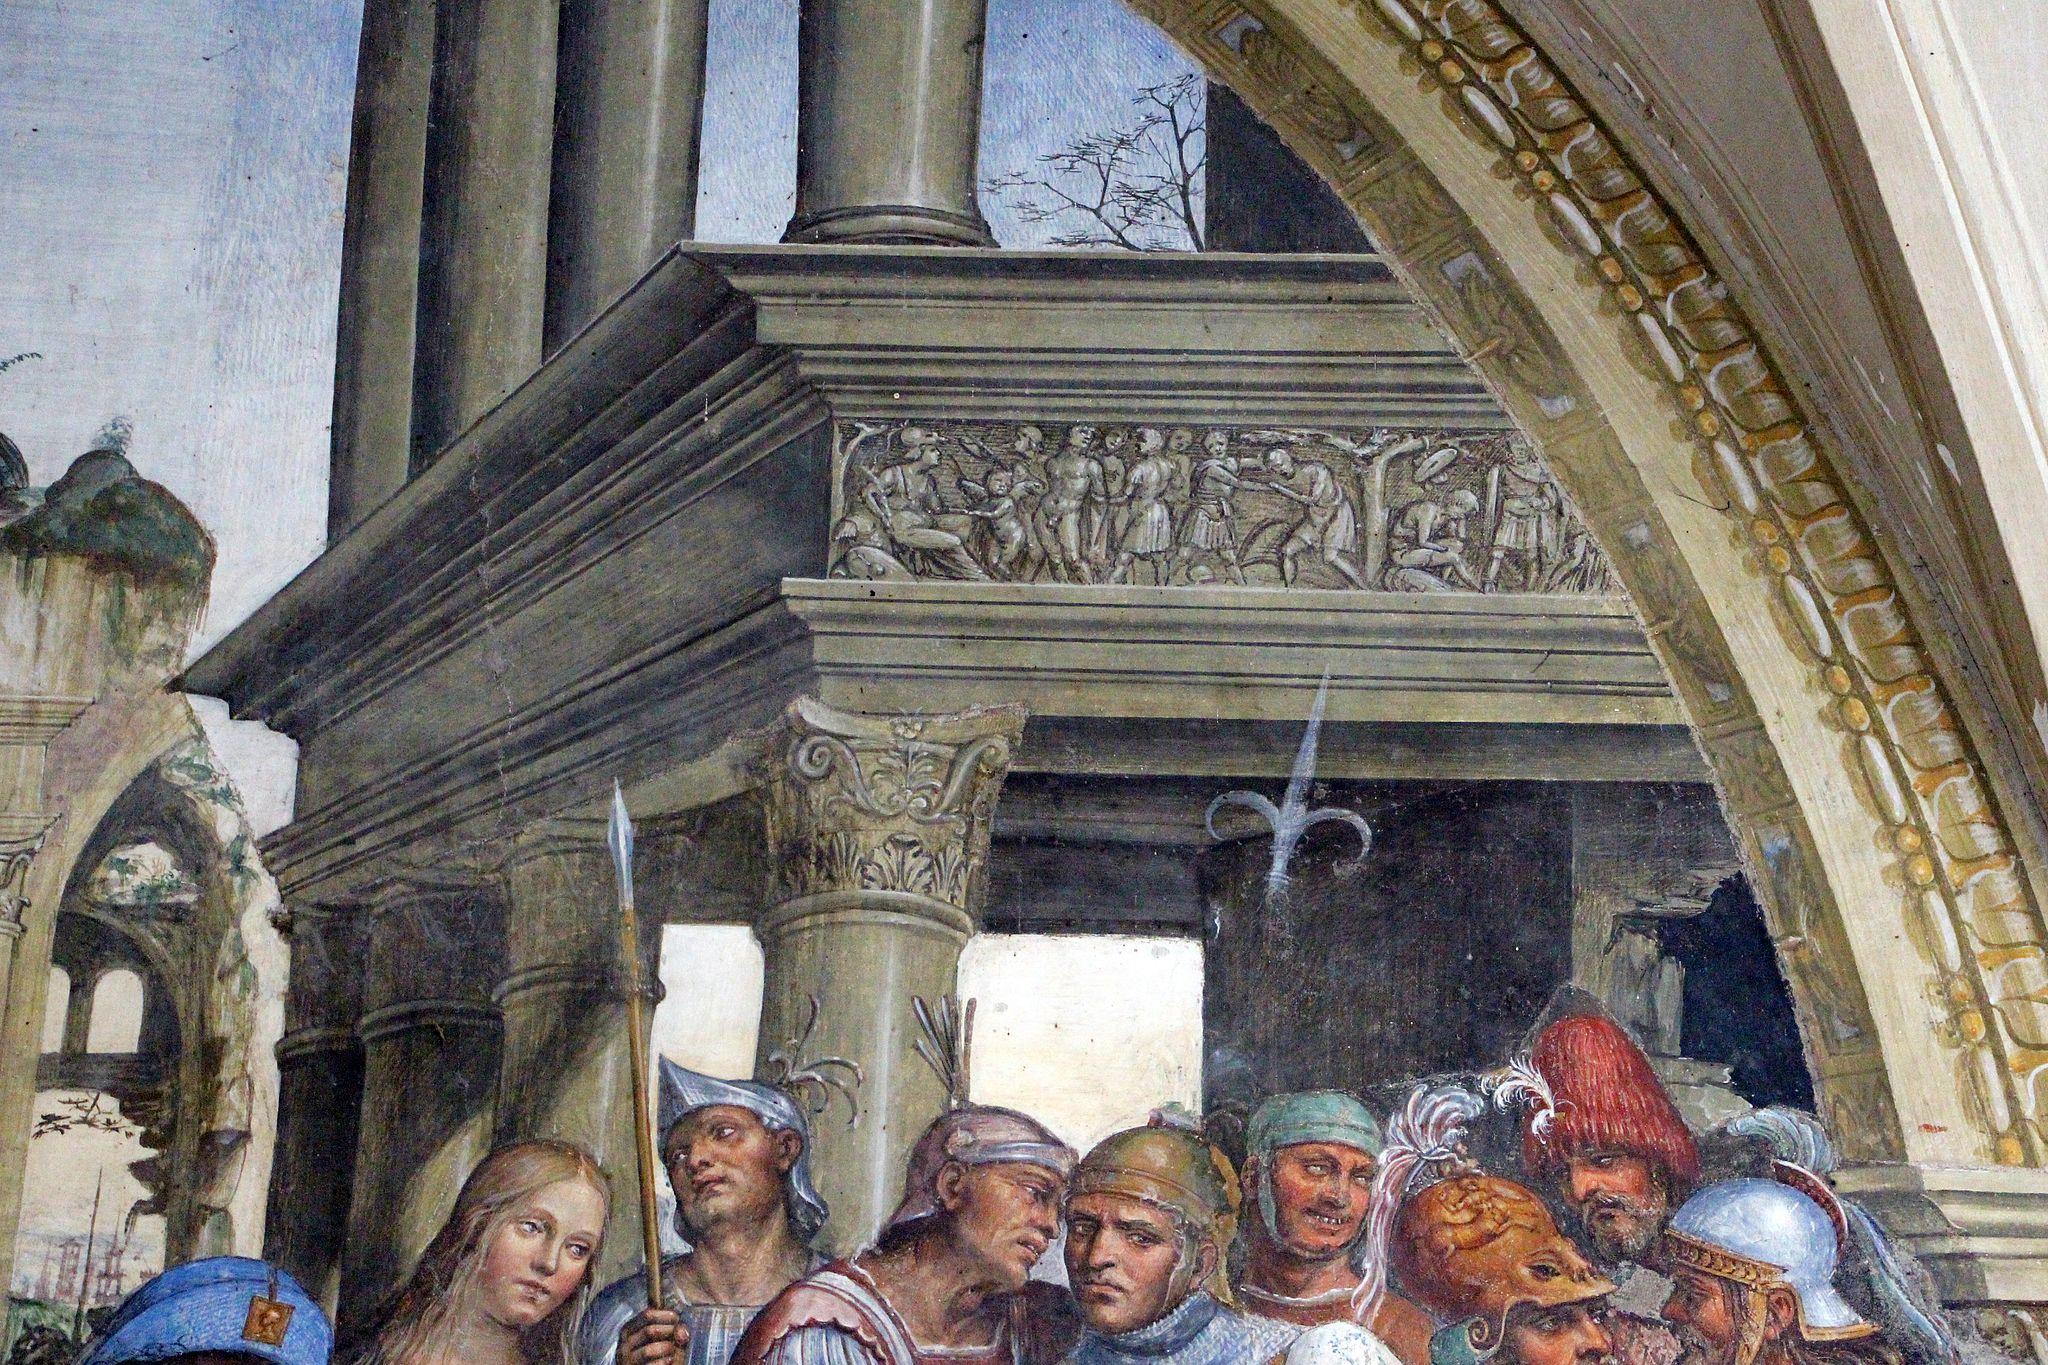 Storie di s. benedetto, 12 sodoma - Come Benedetto riceve li due giovanetti romani Mauro e Placido 04